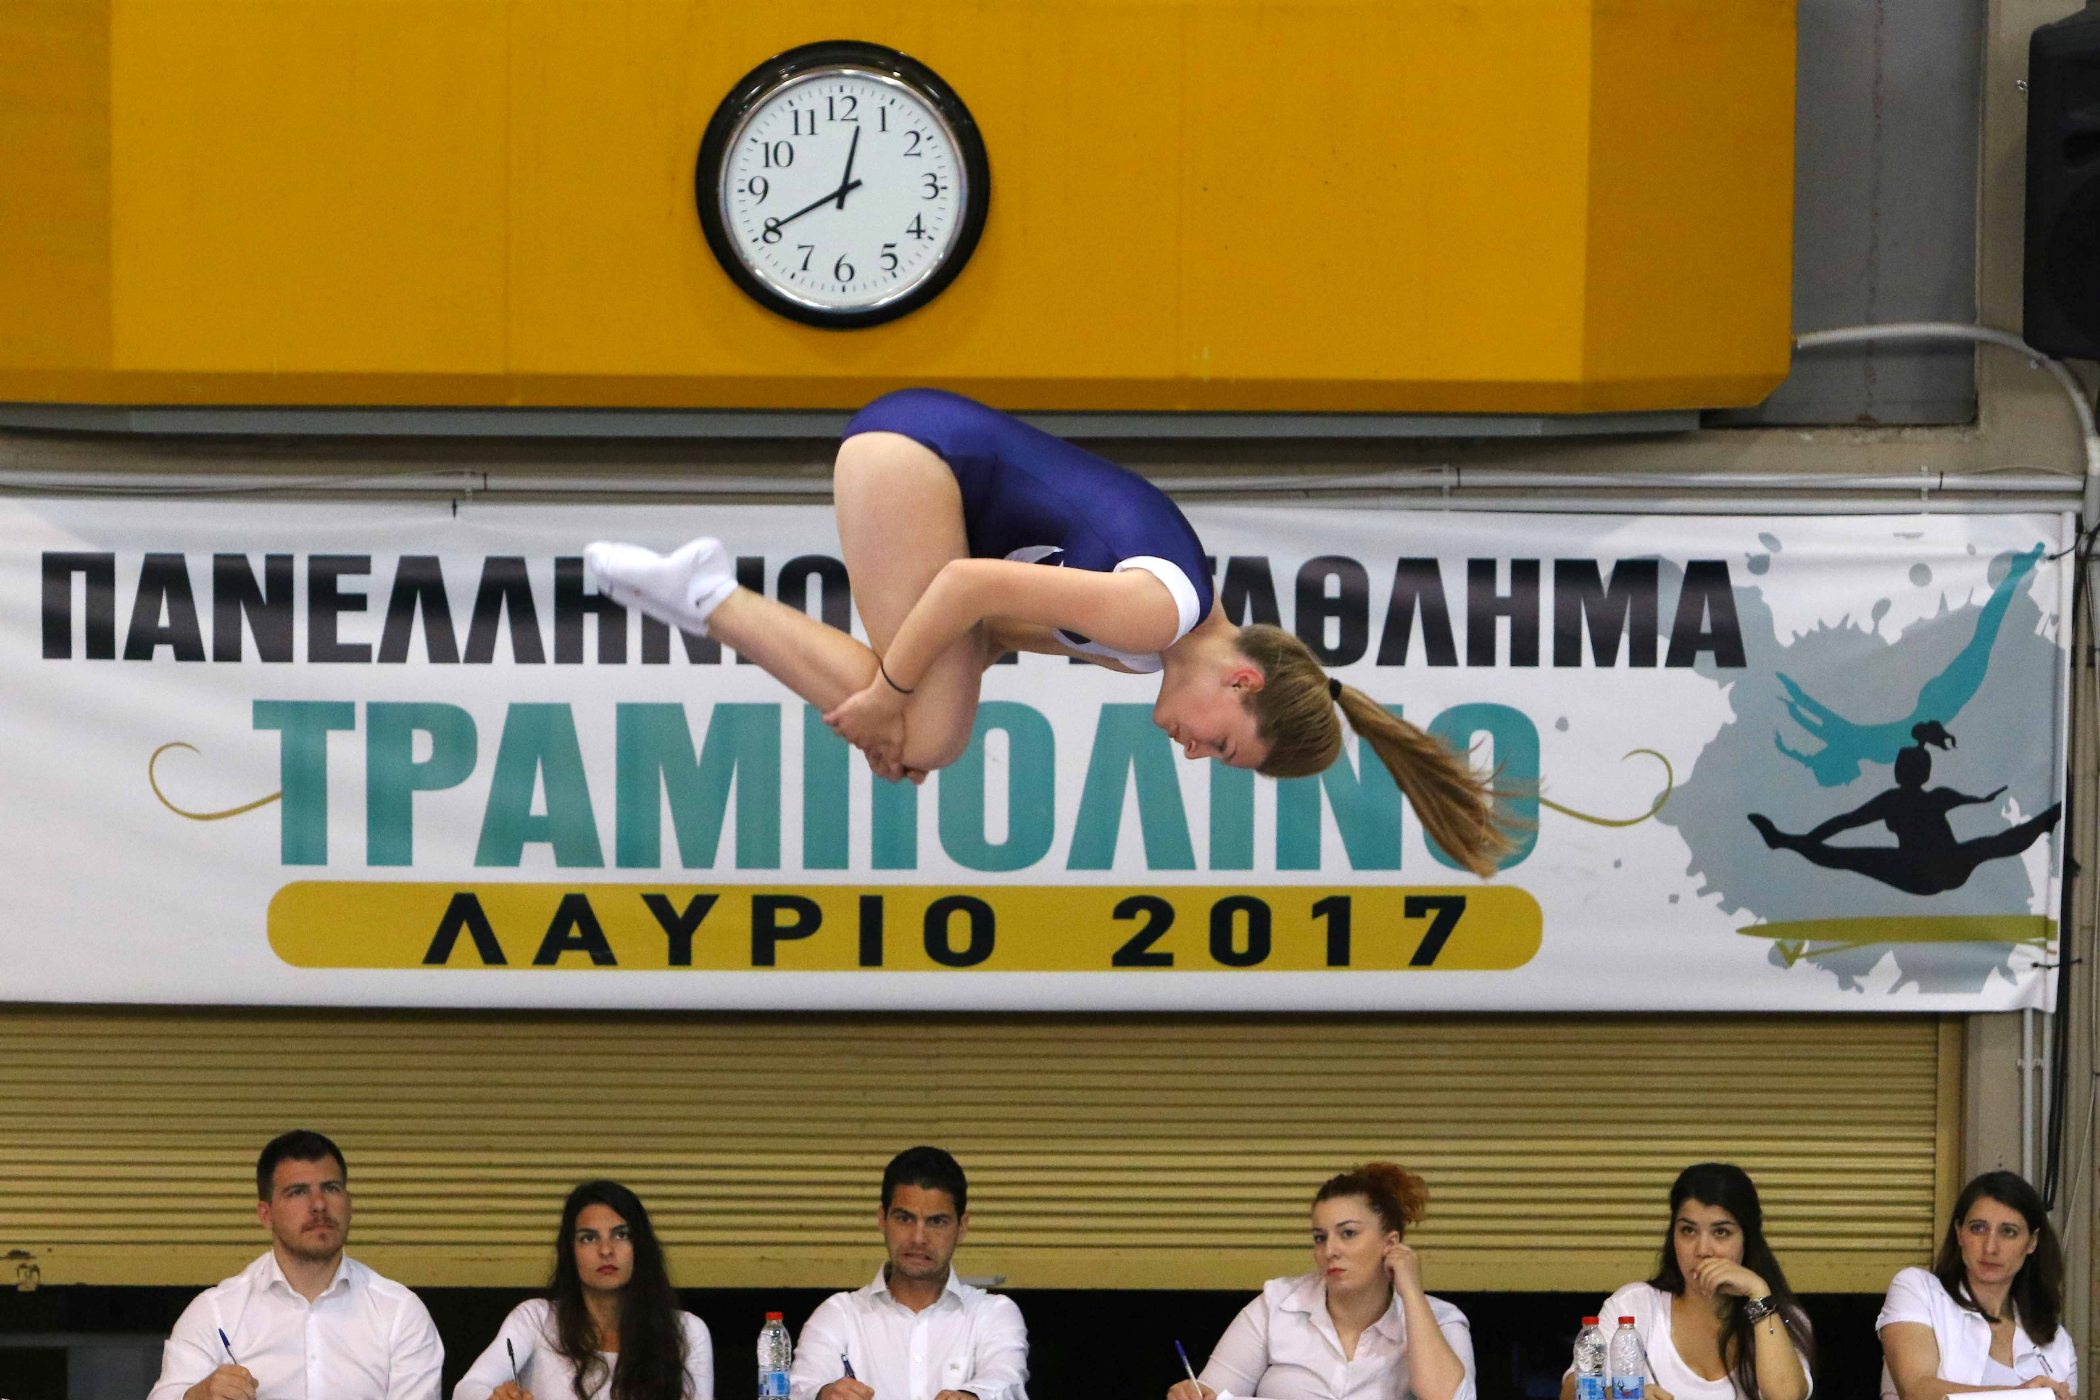 trampolino-panellinio2017-21